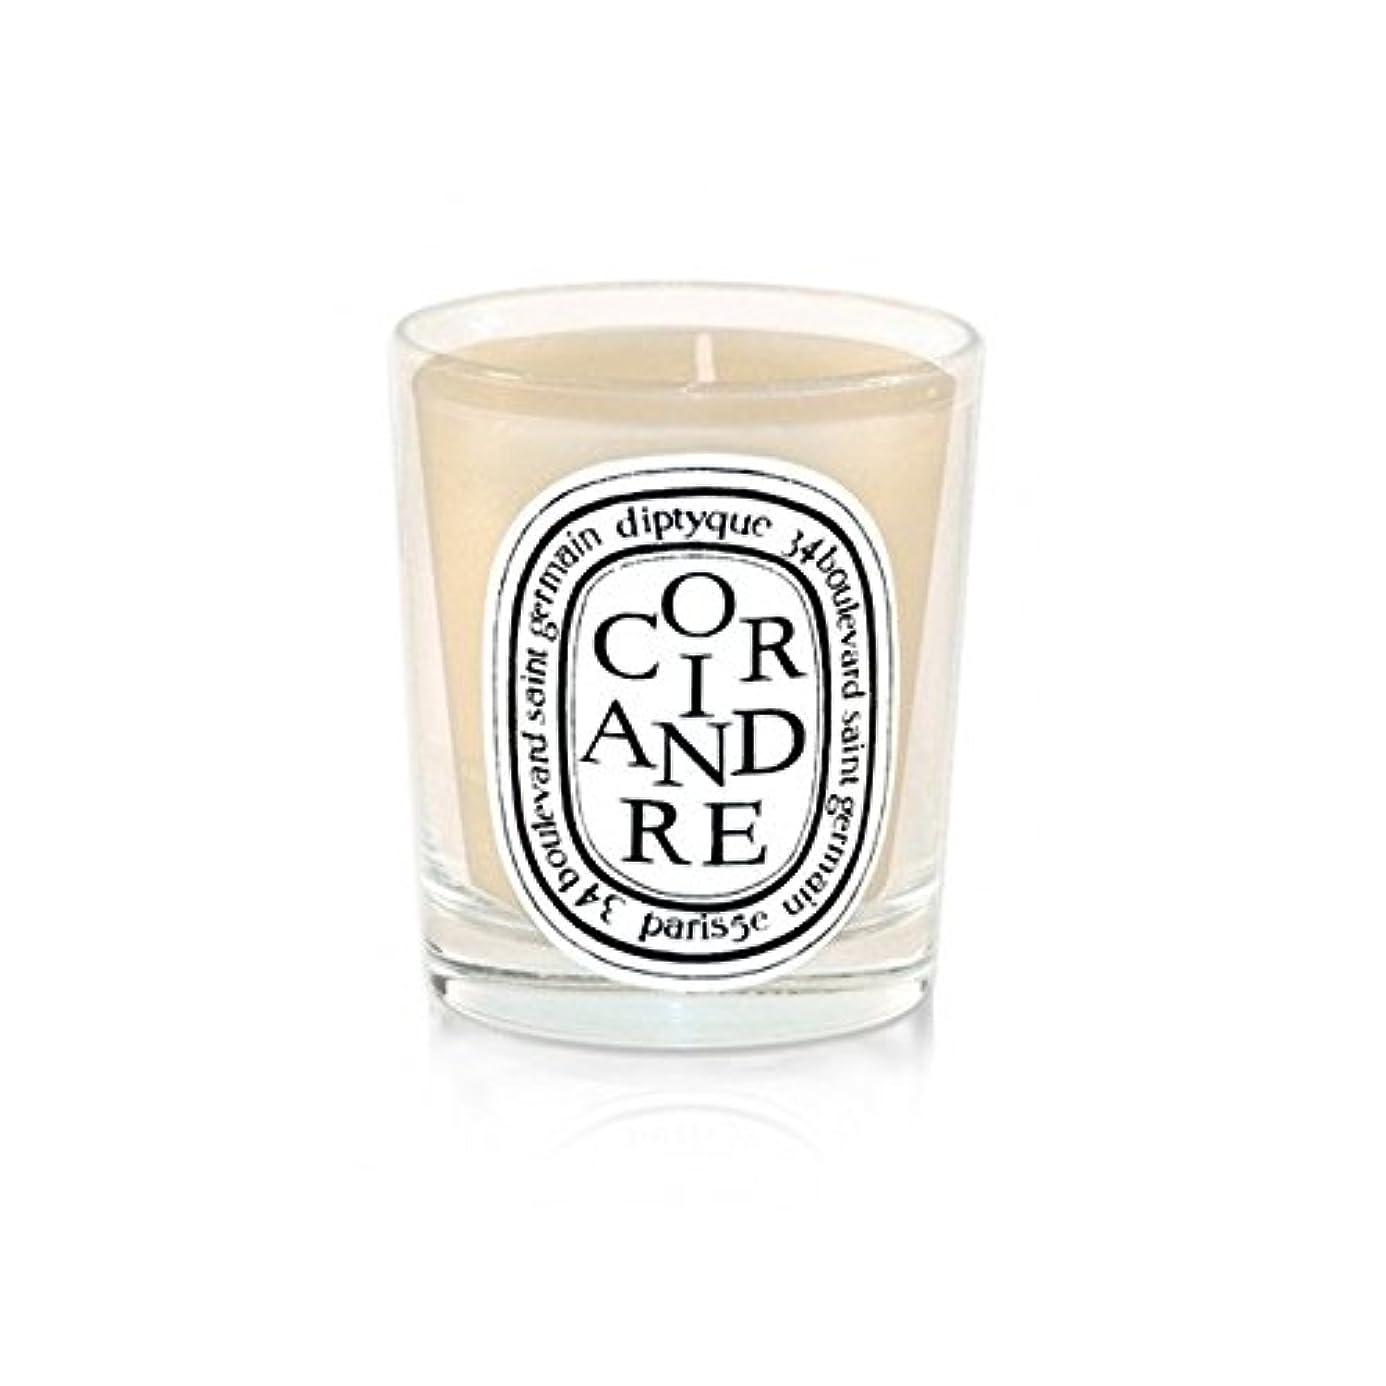 純粋な最小化する大学生DiptyqueキャンドルCoriandre /コリアンダー190グラム - Diptyque Candle Coriandre / Coriander 190g (Diptyque) [並行輸入品]